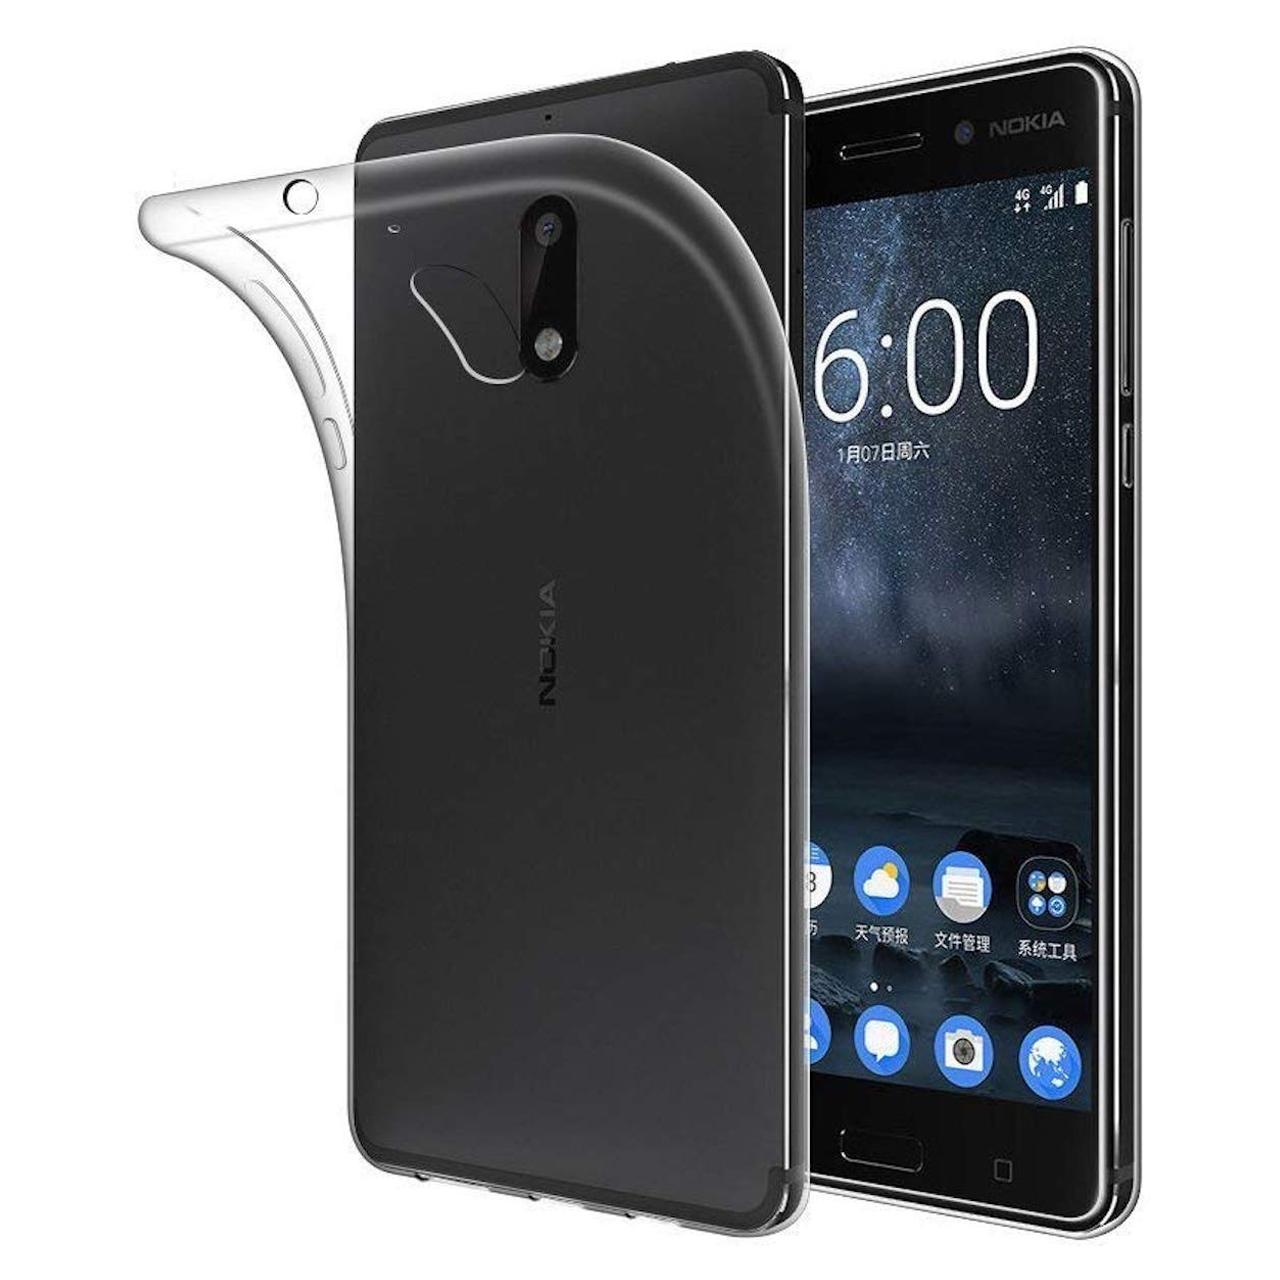 کاور مدل کوتیکس مناسب برای گوشی موبایل نوکیا 3